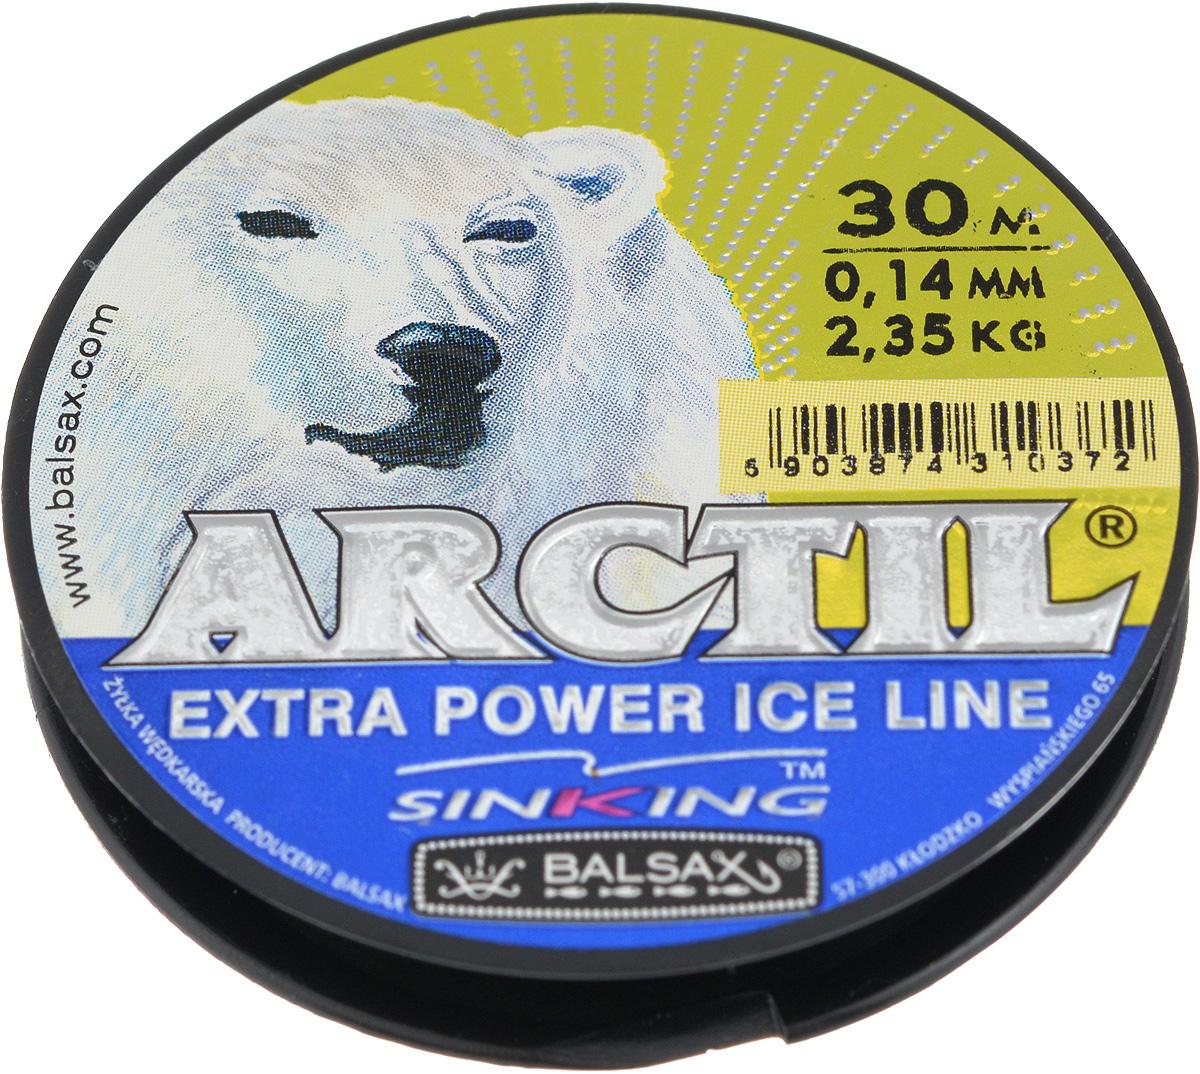 Леска зимняя Balsax Arctil, 30 м, 0,14 мм, 2,35 кг111726.937Леска Balsax Arctil изготовлена из 100% нейлона и очень хорошо выдерживает низкие температуры. Даже в самом холодном климате, при температуре вплоть до -40°C, она сохраняет свои свойства практически без изменений, в то время как традиционные лески становятся менее эластичными и теряют прочность.Поверхность лески обработана таким образом, что она не обмерзает и отлично подходит для подледного лова. Прочна в местах вязки узлов даже при минимальном диаметре.